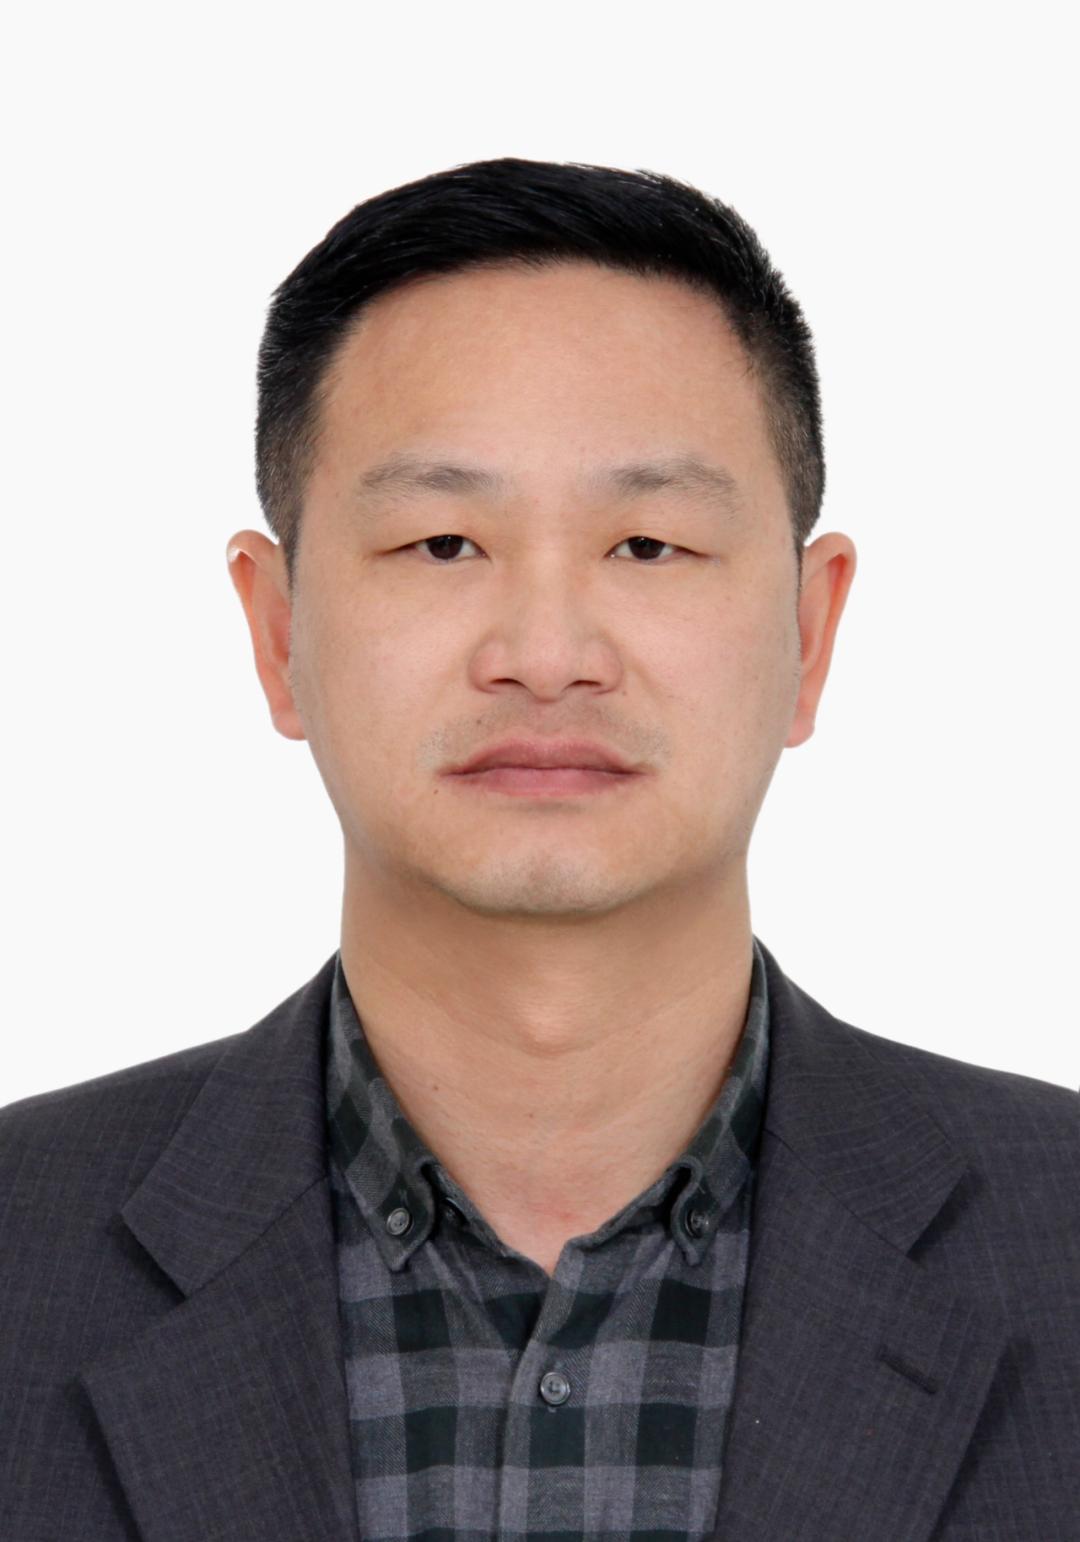 摩天登录:中技投公司副总经理林摩天登录胜鸿图片